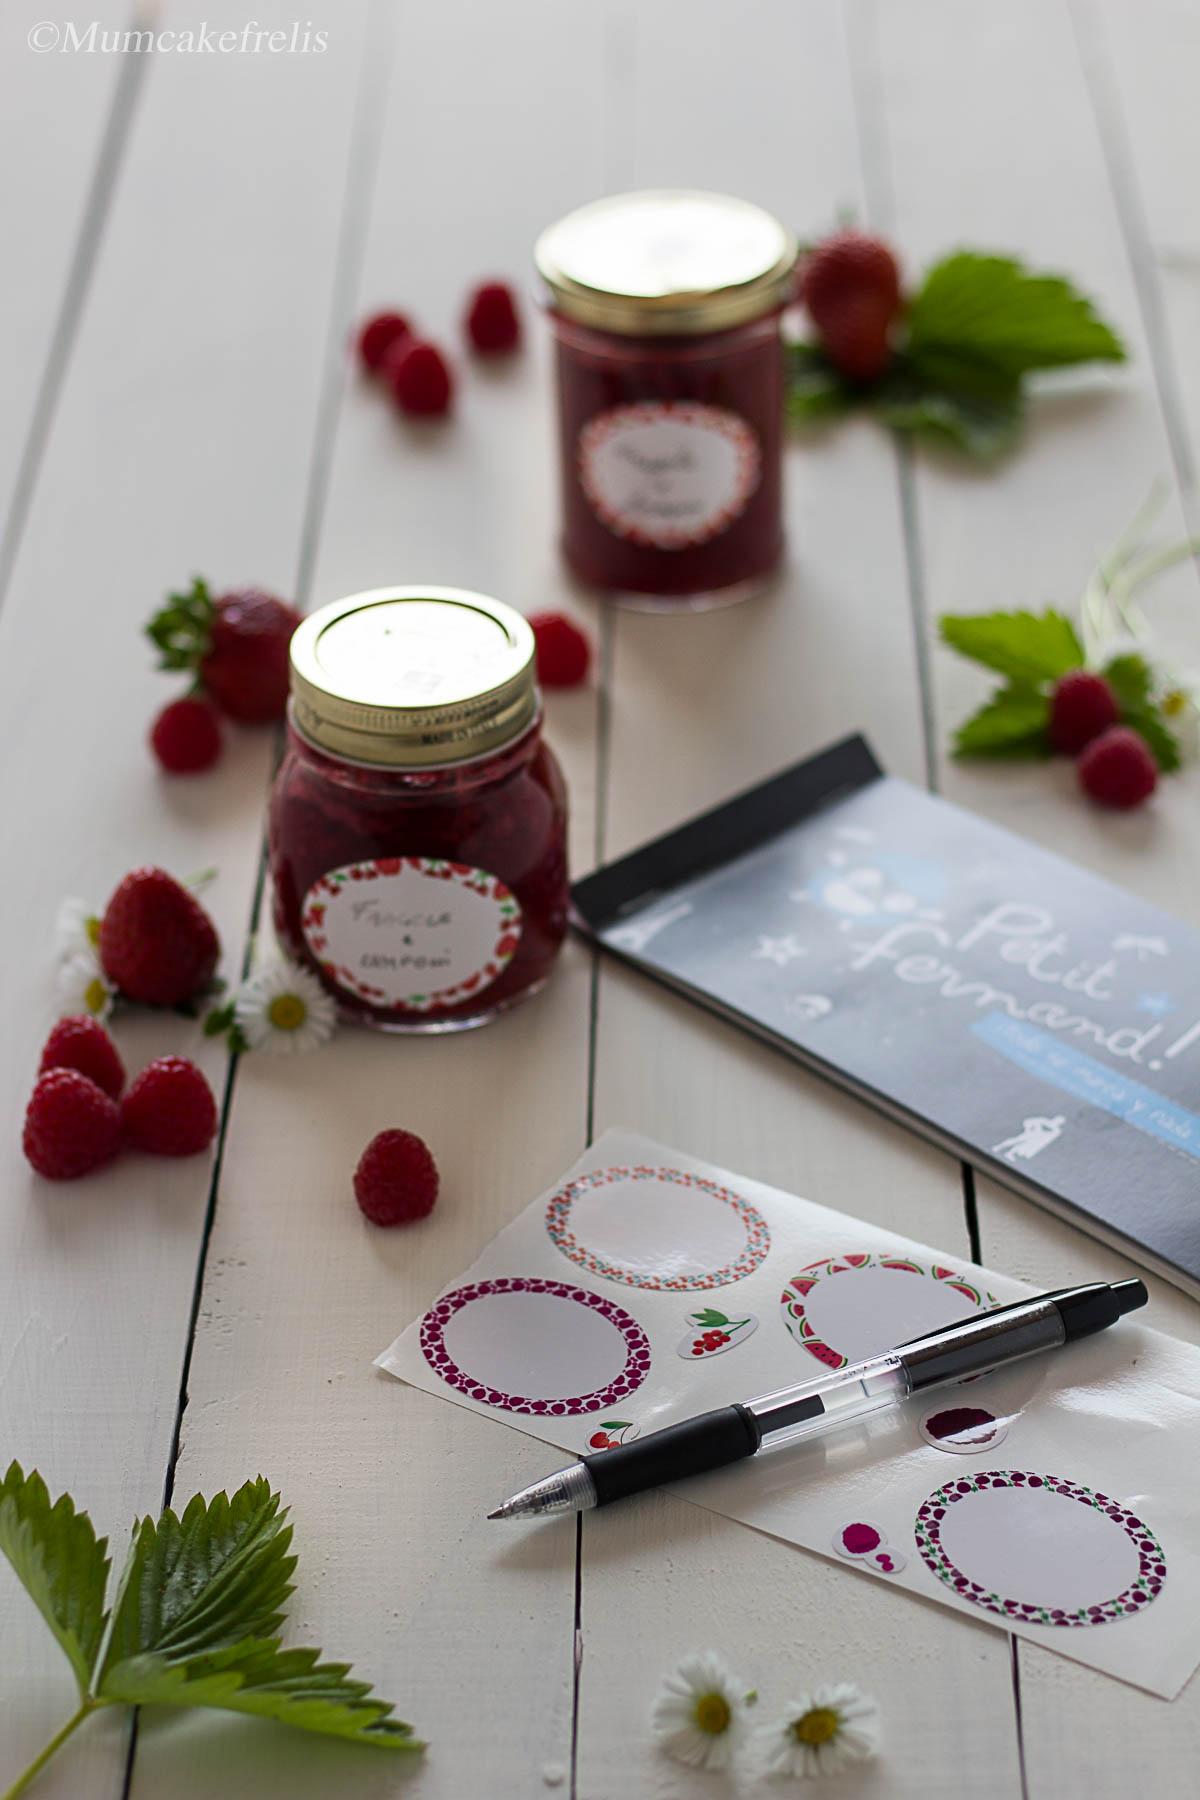 etichette per marmellate Petit Fernand